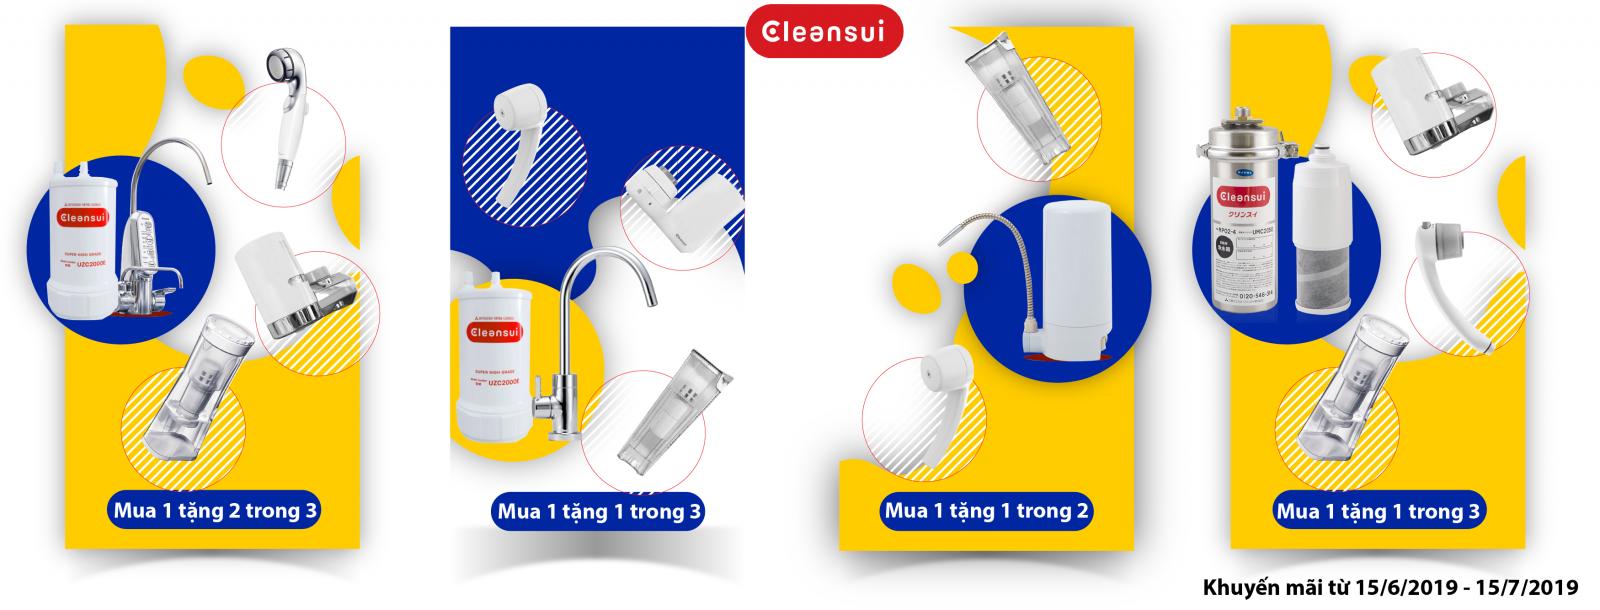 Thiết bị lọc nước Mitsubishi Cleansui 2019 Tphcm khuyến mãi hè